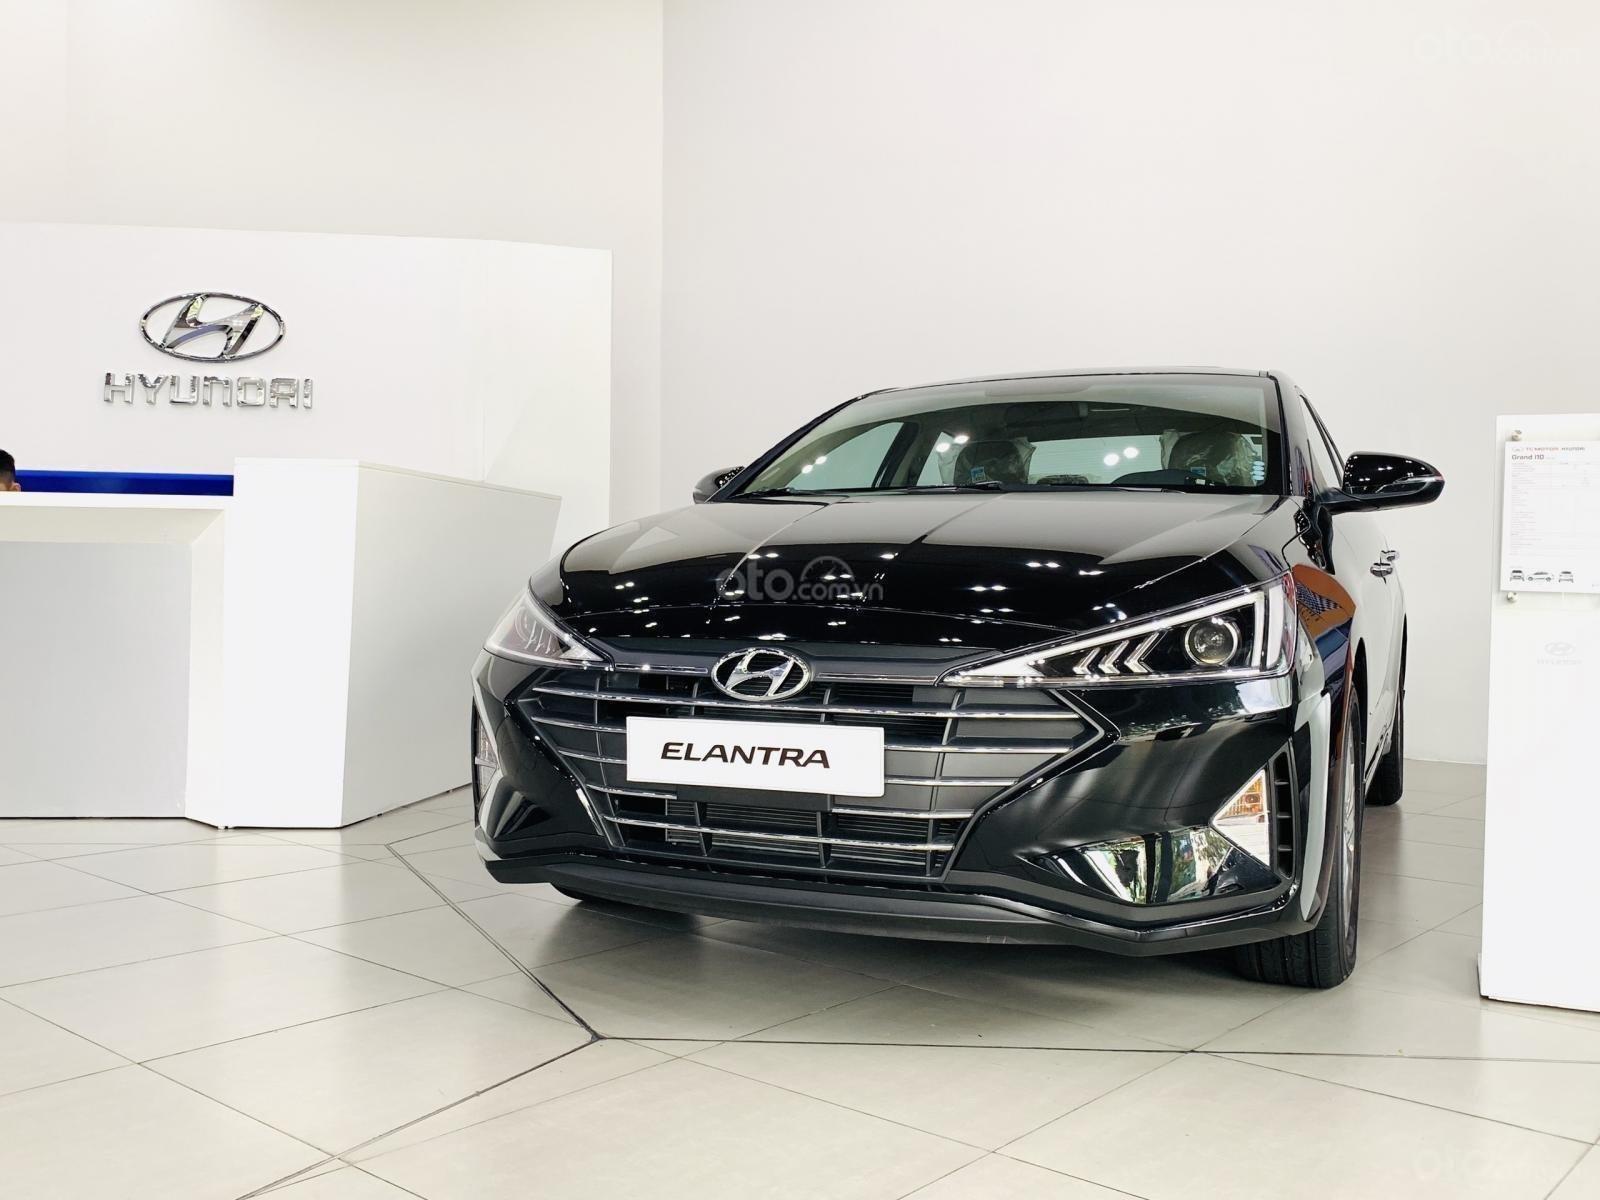 Bán Hyundai Elantra 2020 chỉ với 116 triệu nhận ngay Elantra tại nhà, tặng kèm phụ kiện chính hãng + giảm ngay 80 triệu (2)